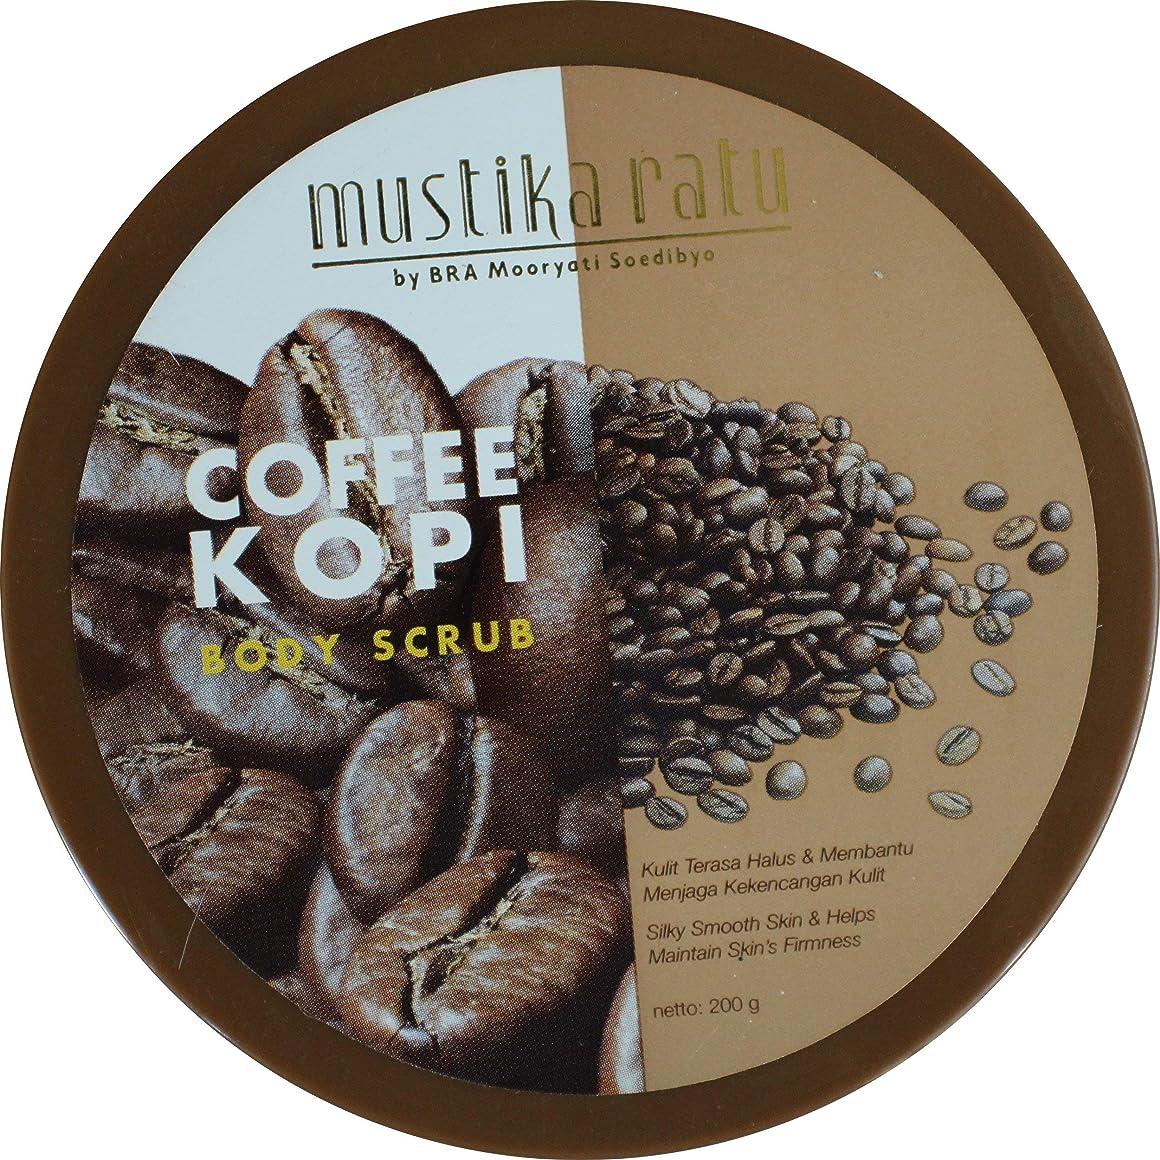 ベット連帯肖像画Mustika Ratu インドネシア200グラム単位でのコーヒーボディスクラップ